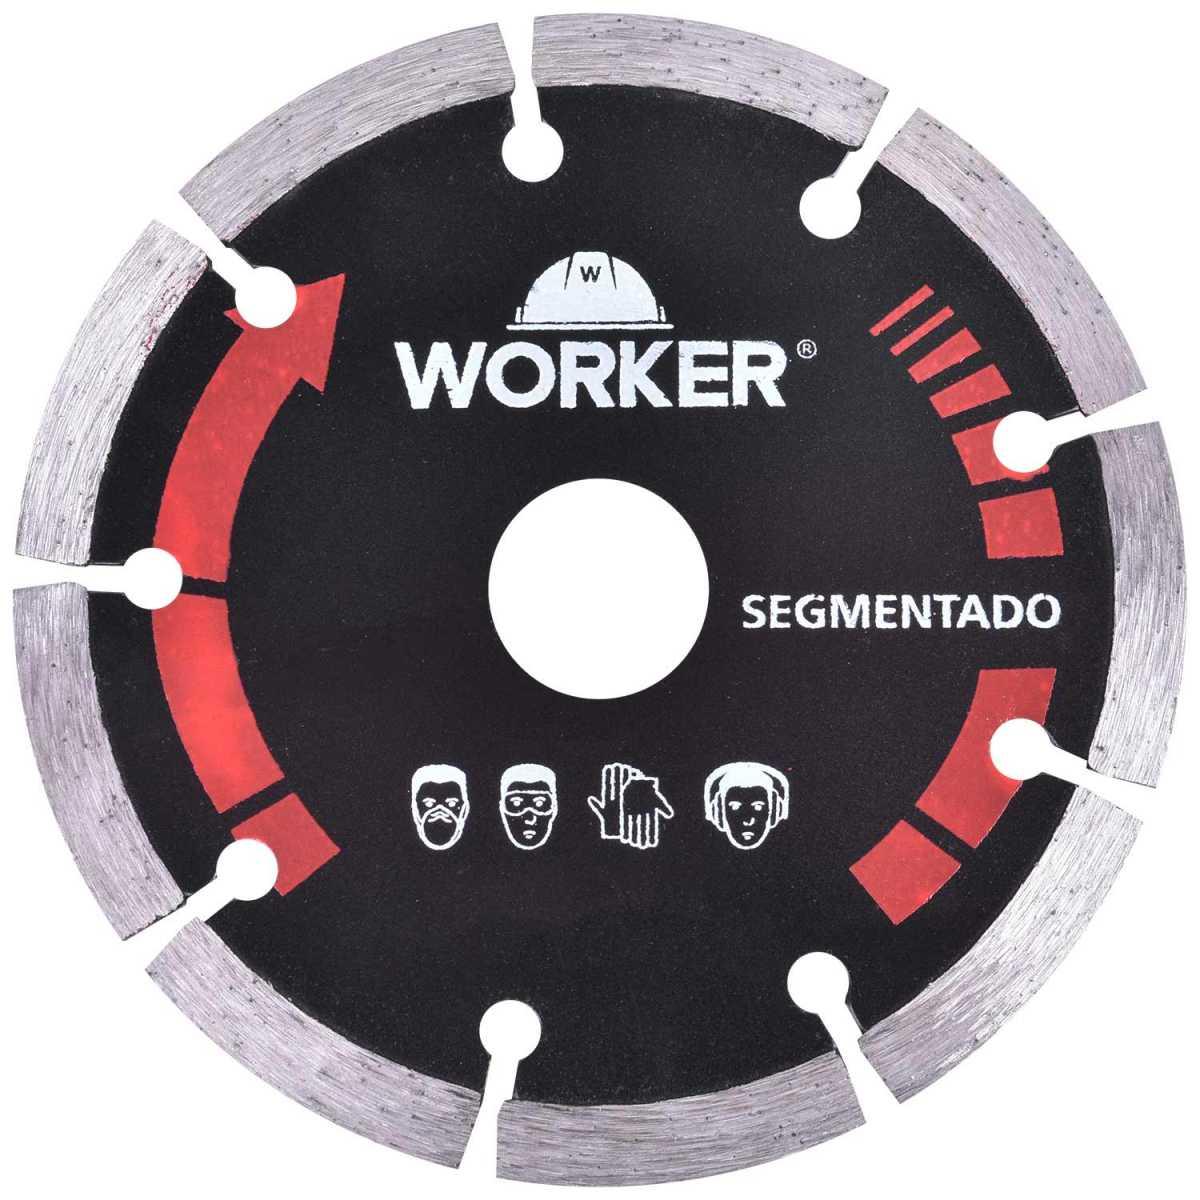 Serra Mármore 1300W Worker com 3 Discos Diamantados 110X20Mm - 127V